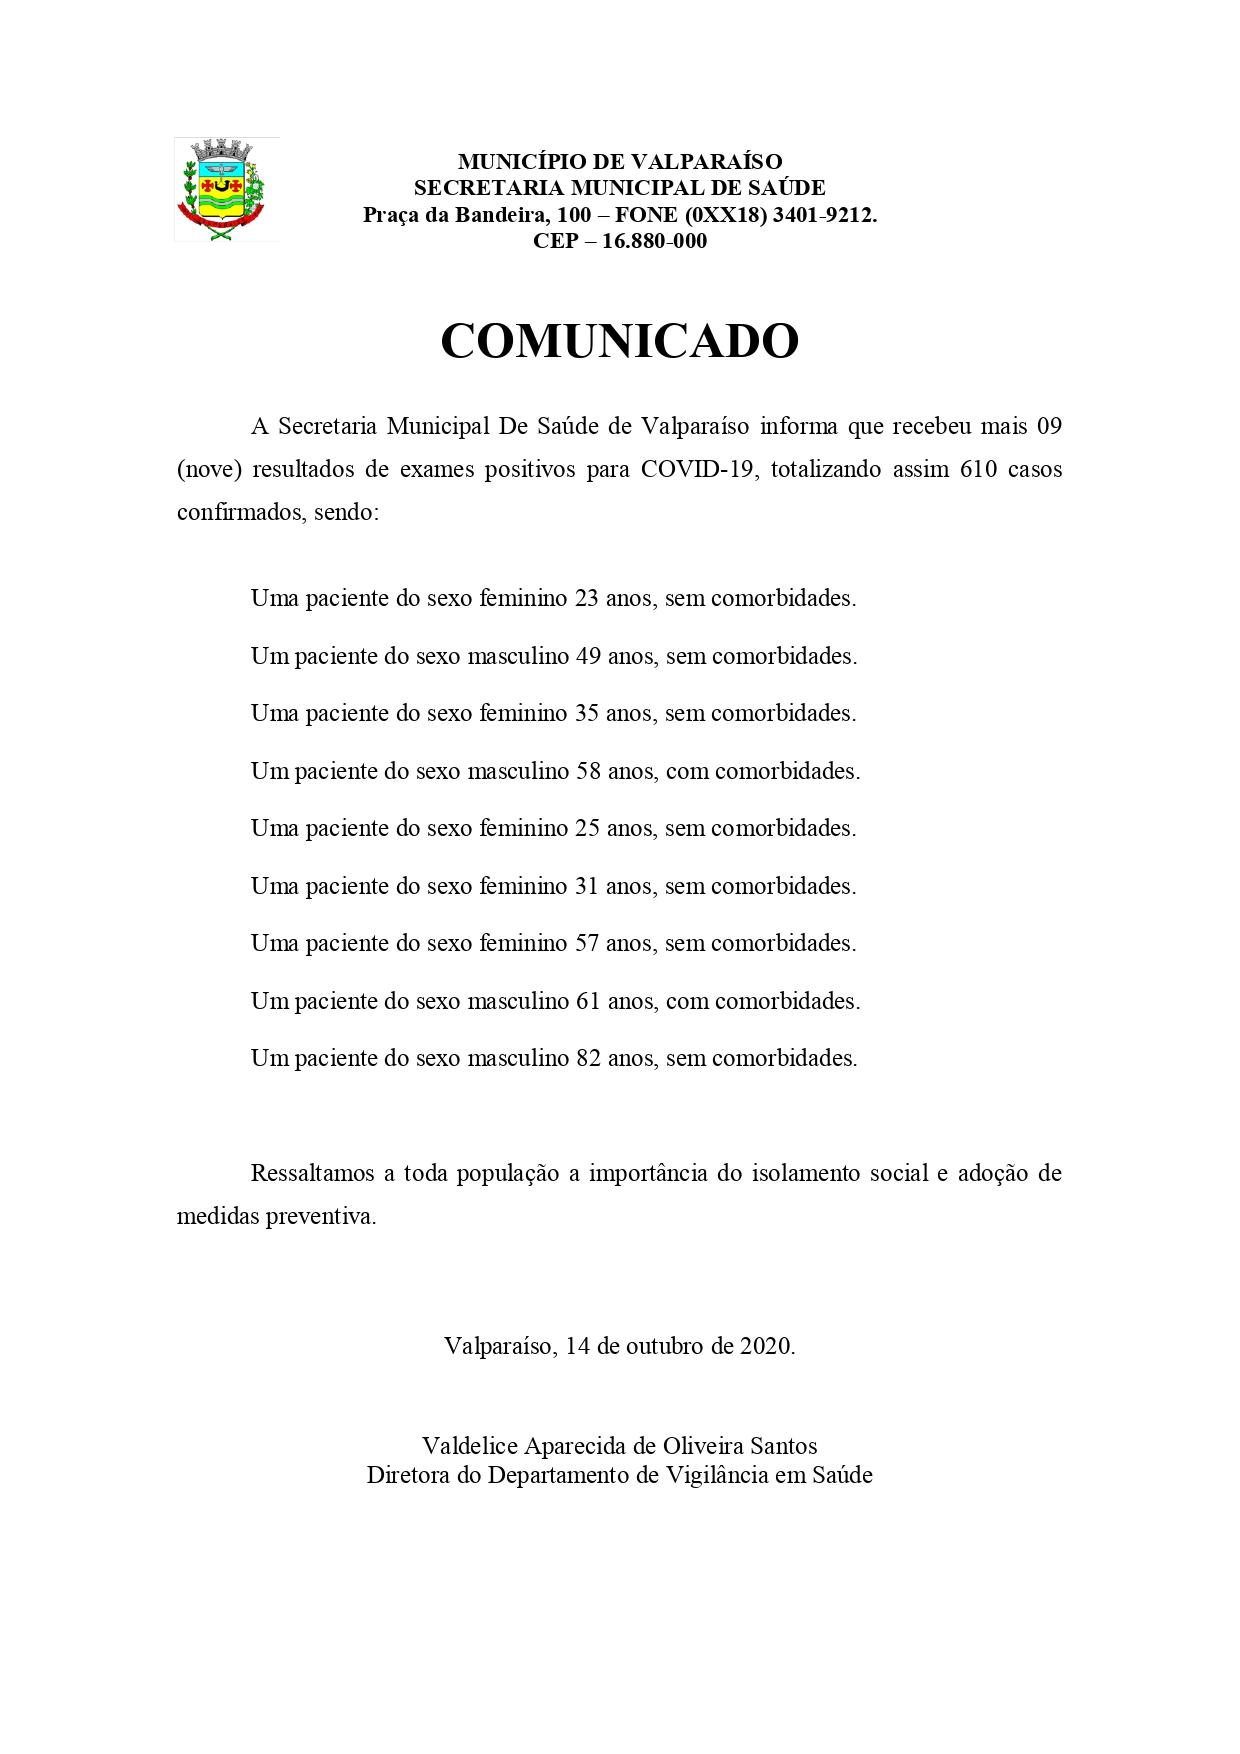 covid610